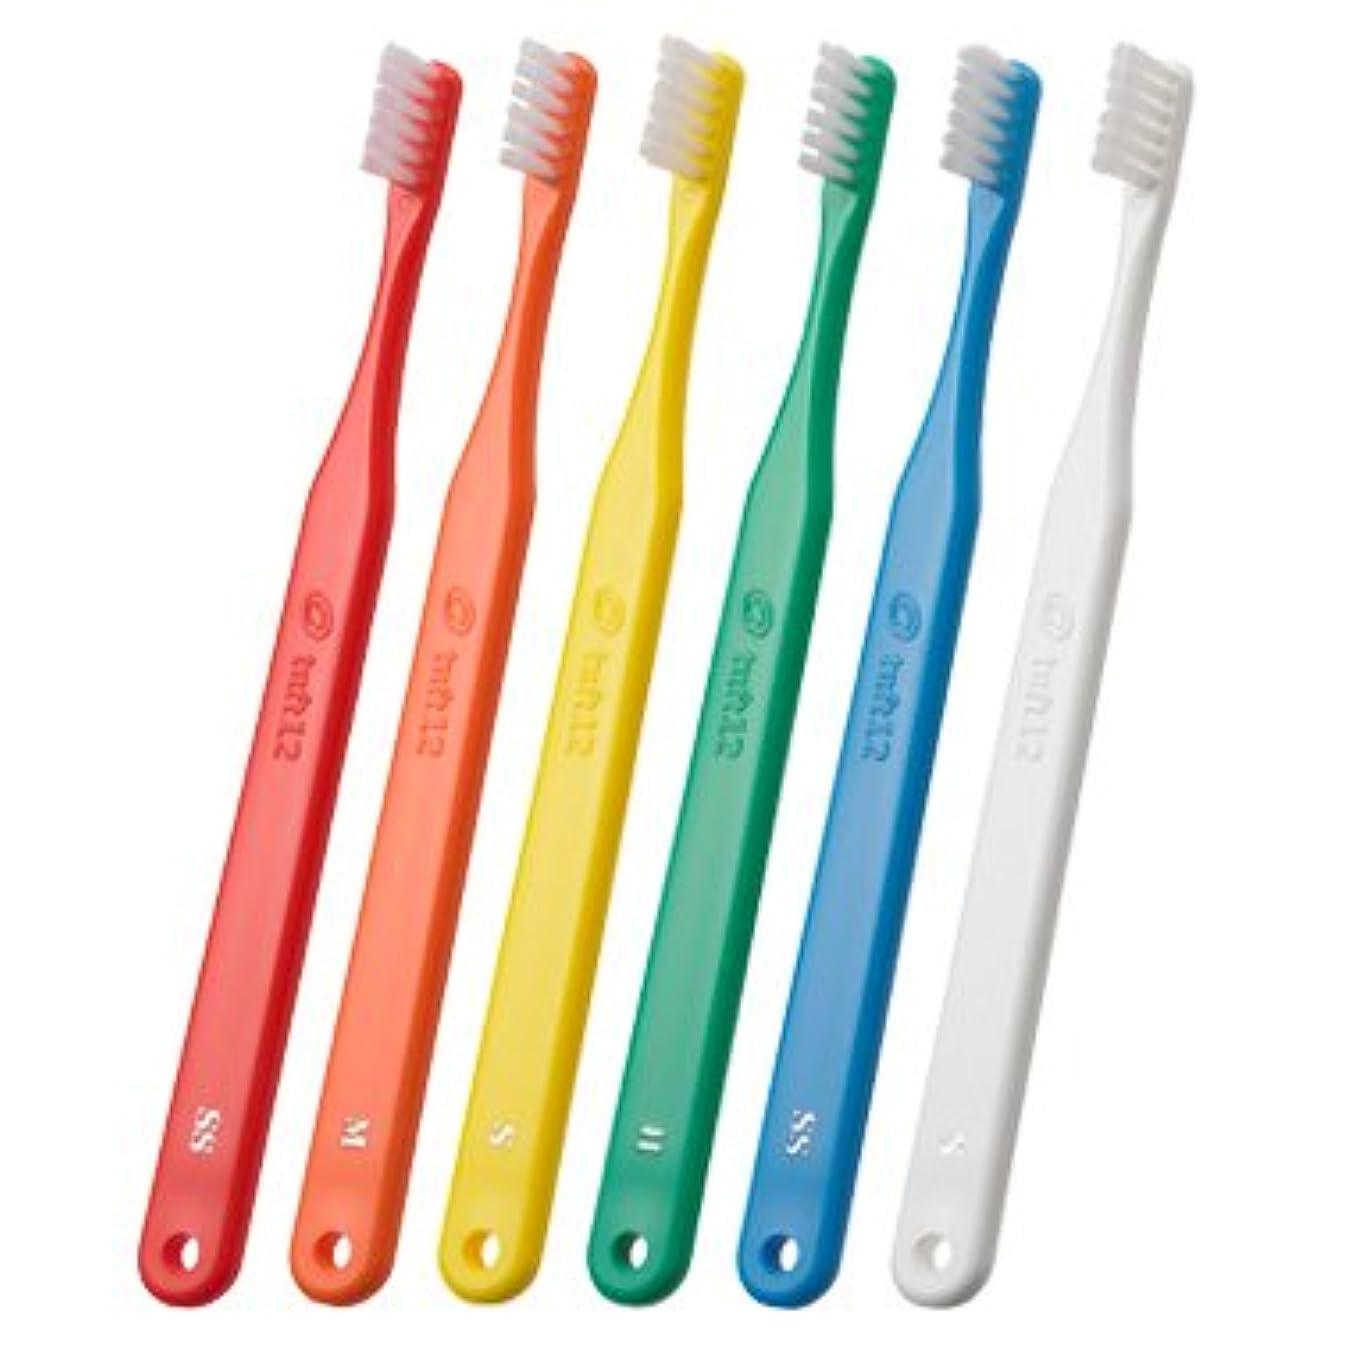 雄弁家排泄物必要としている歯科用 タフト12 H 25本 ハード【歯ブラシ】【かため】矯正患者さん向け _ イエロー